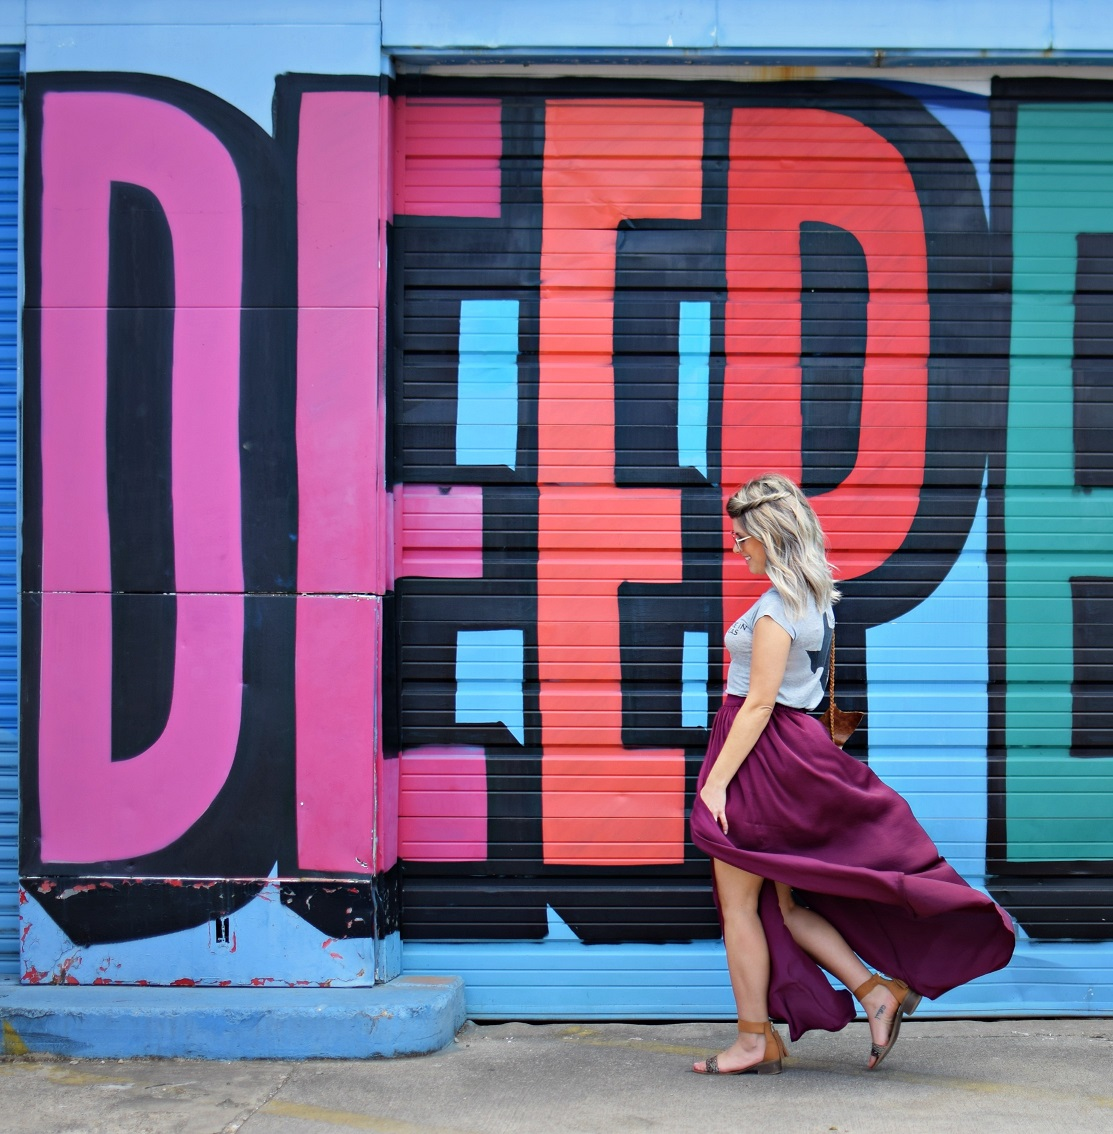 deep ellum mural dallas texas